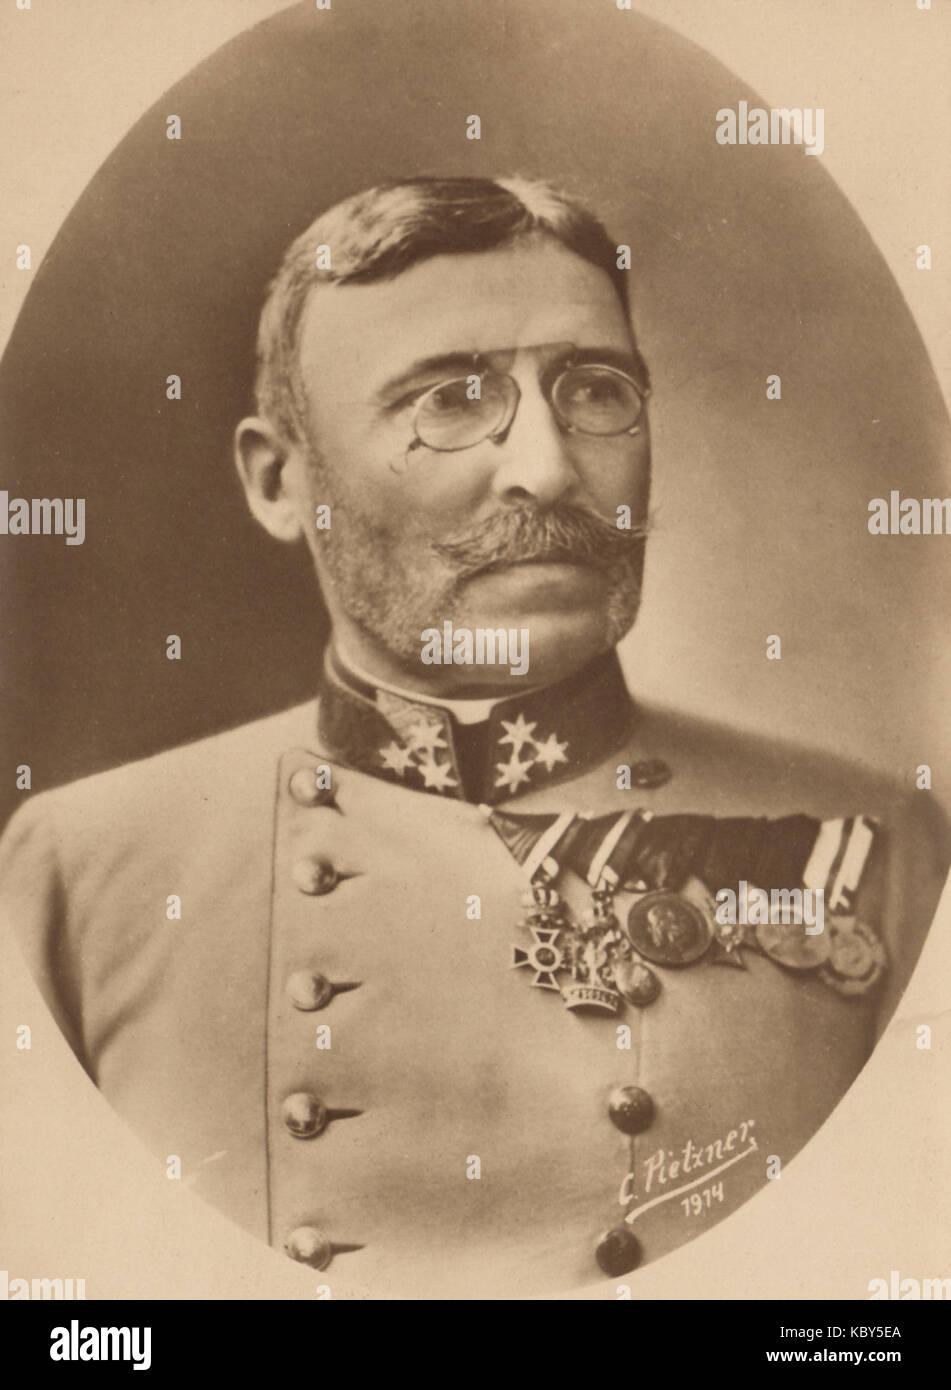 General Moritz von Auffenberg - Stock Image